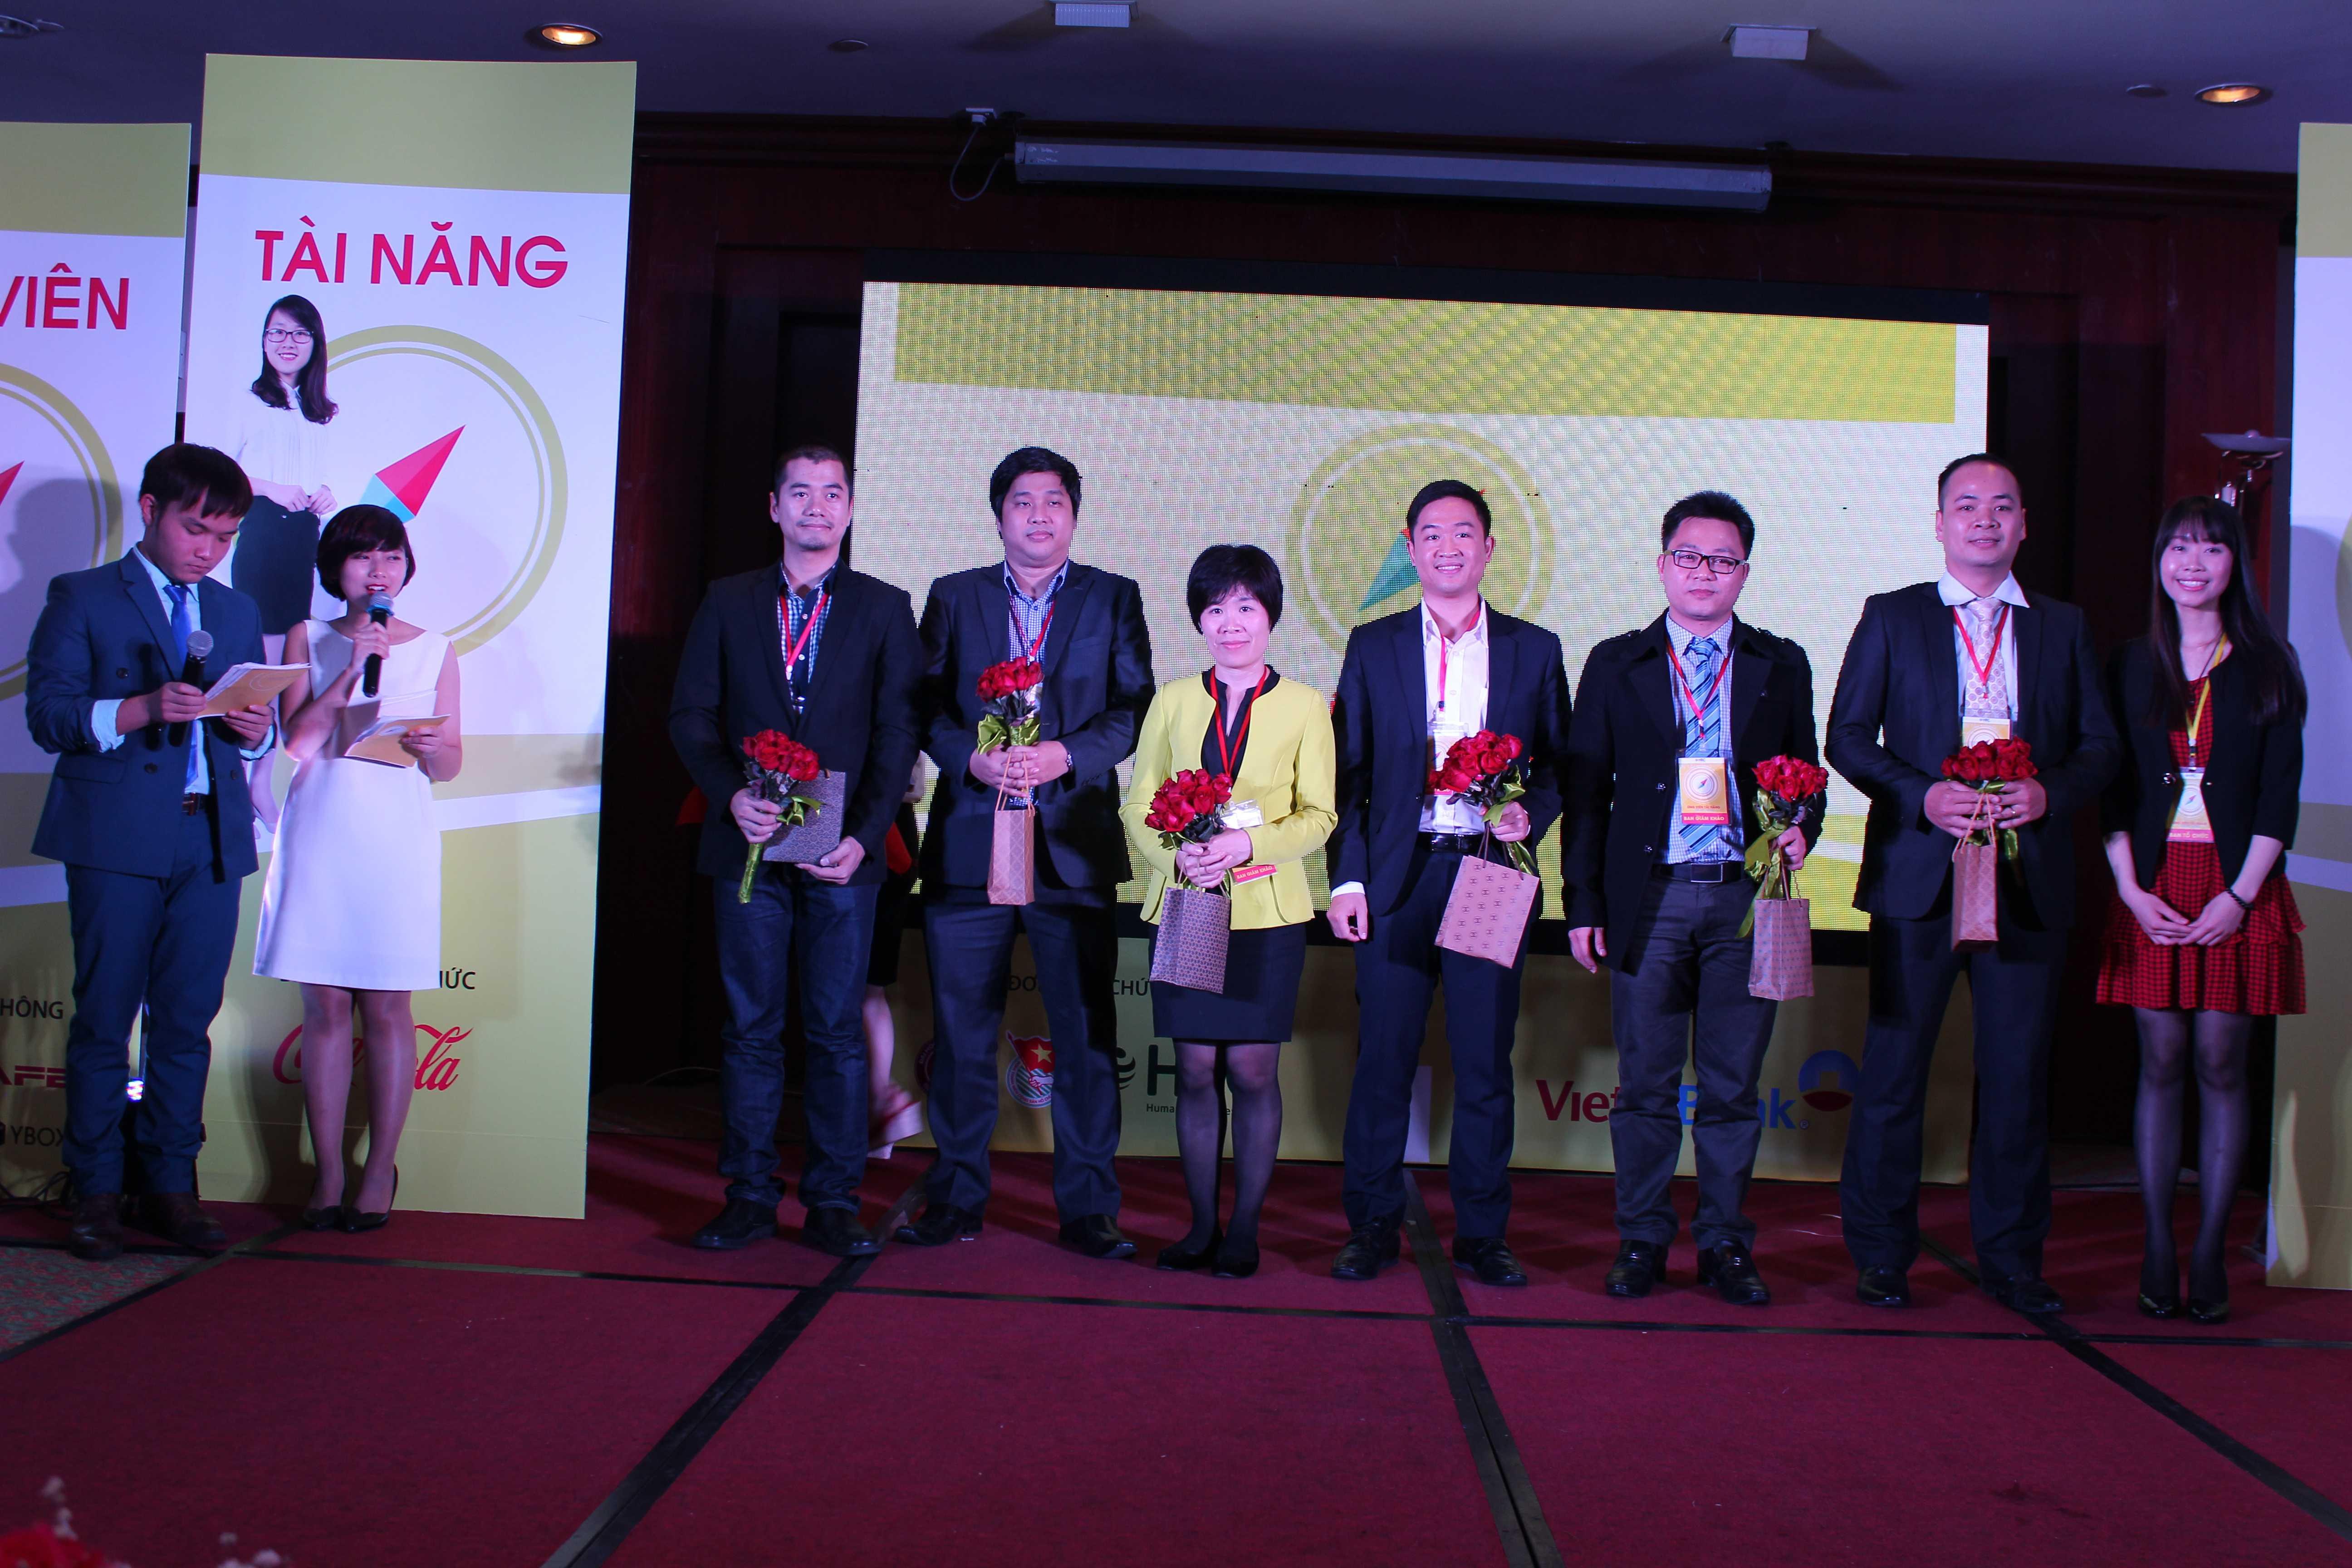 Ban giám khảo cùng các nhà tài trợ, bảo trợ thông tin cho cuộc thi.